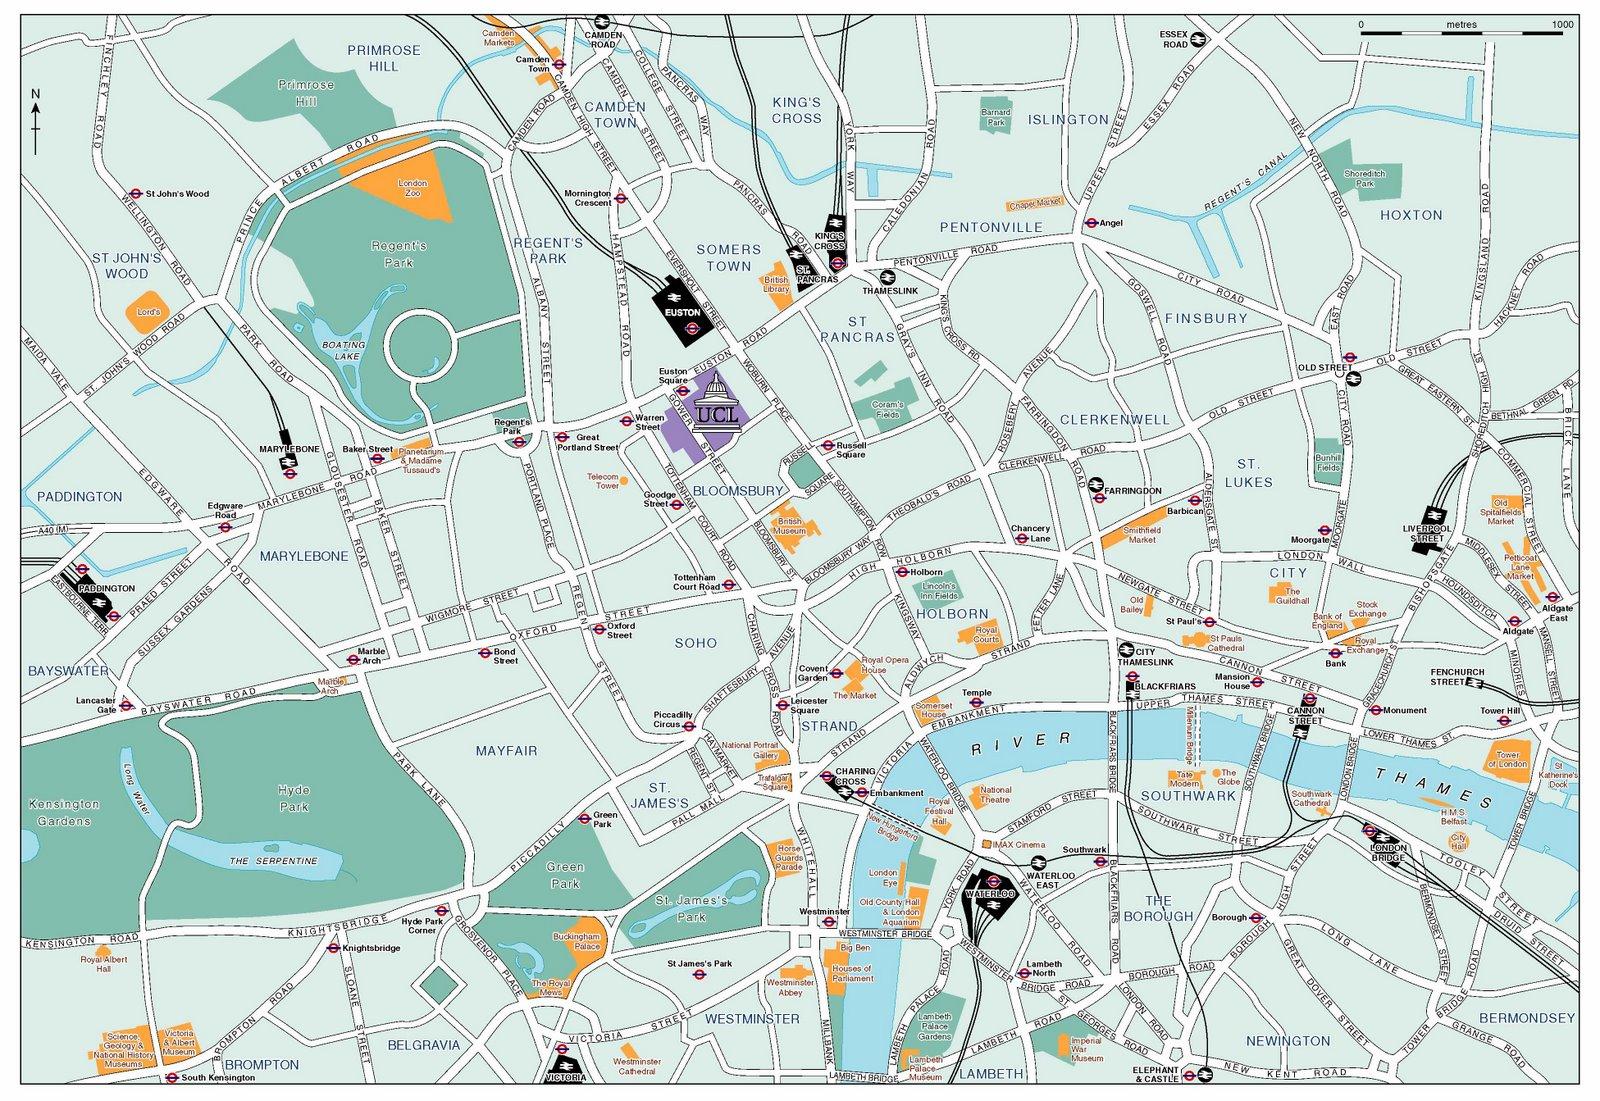 Mapa Turístico De Londres.Plano De Londres Descargate El Plano Turistico De Londres